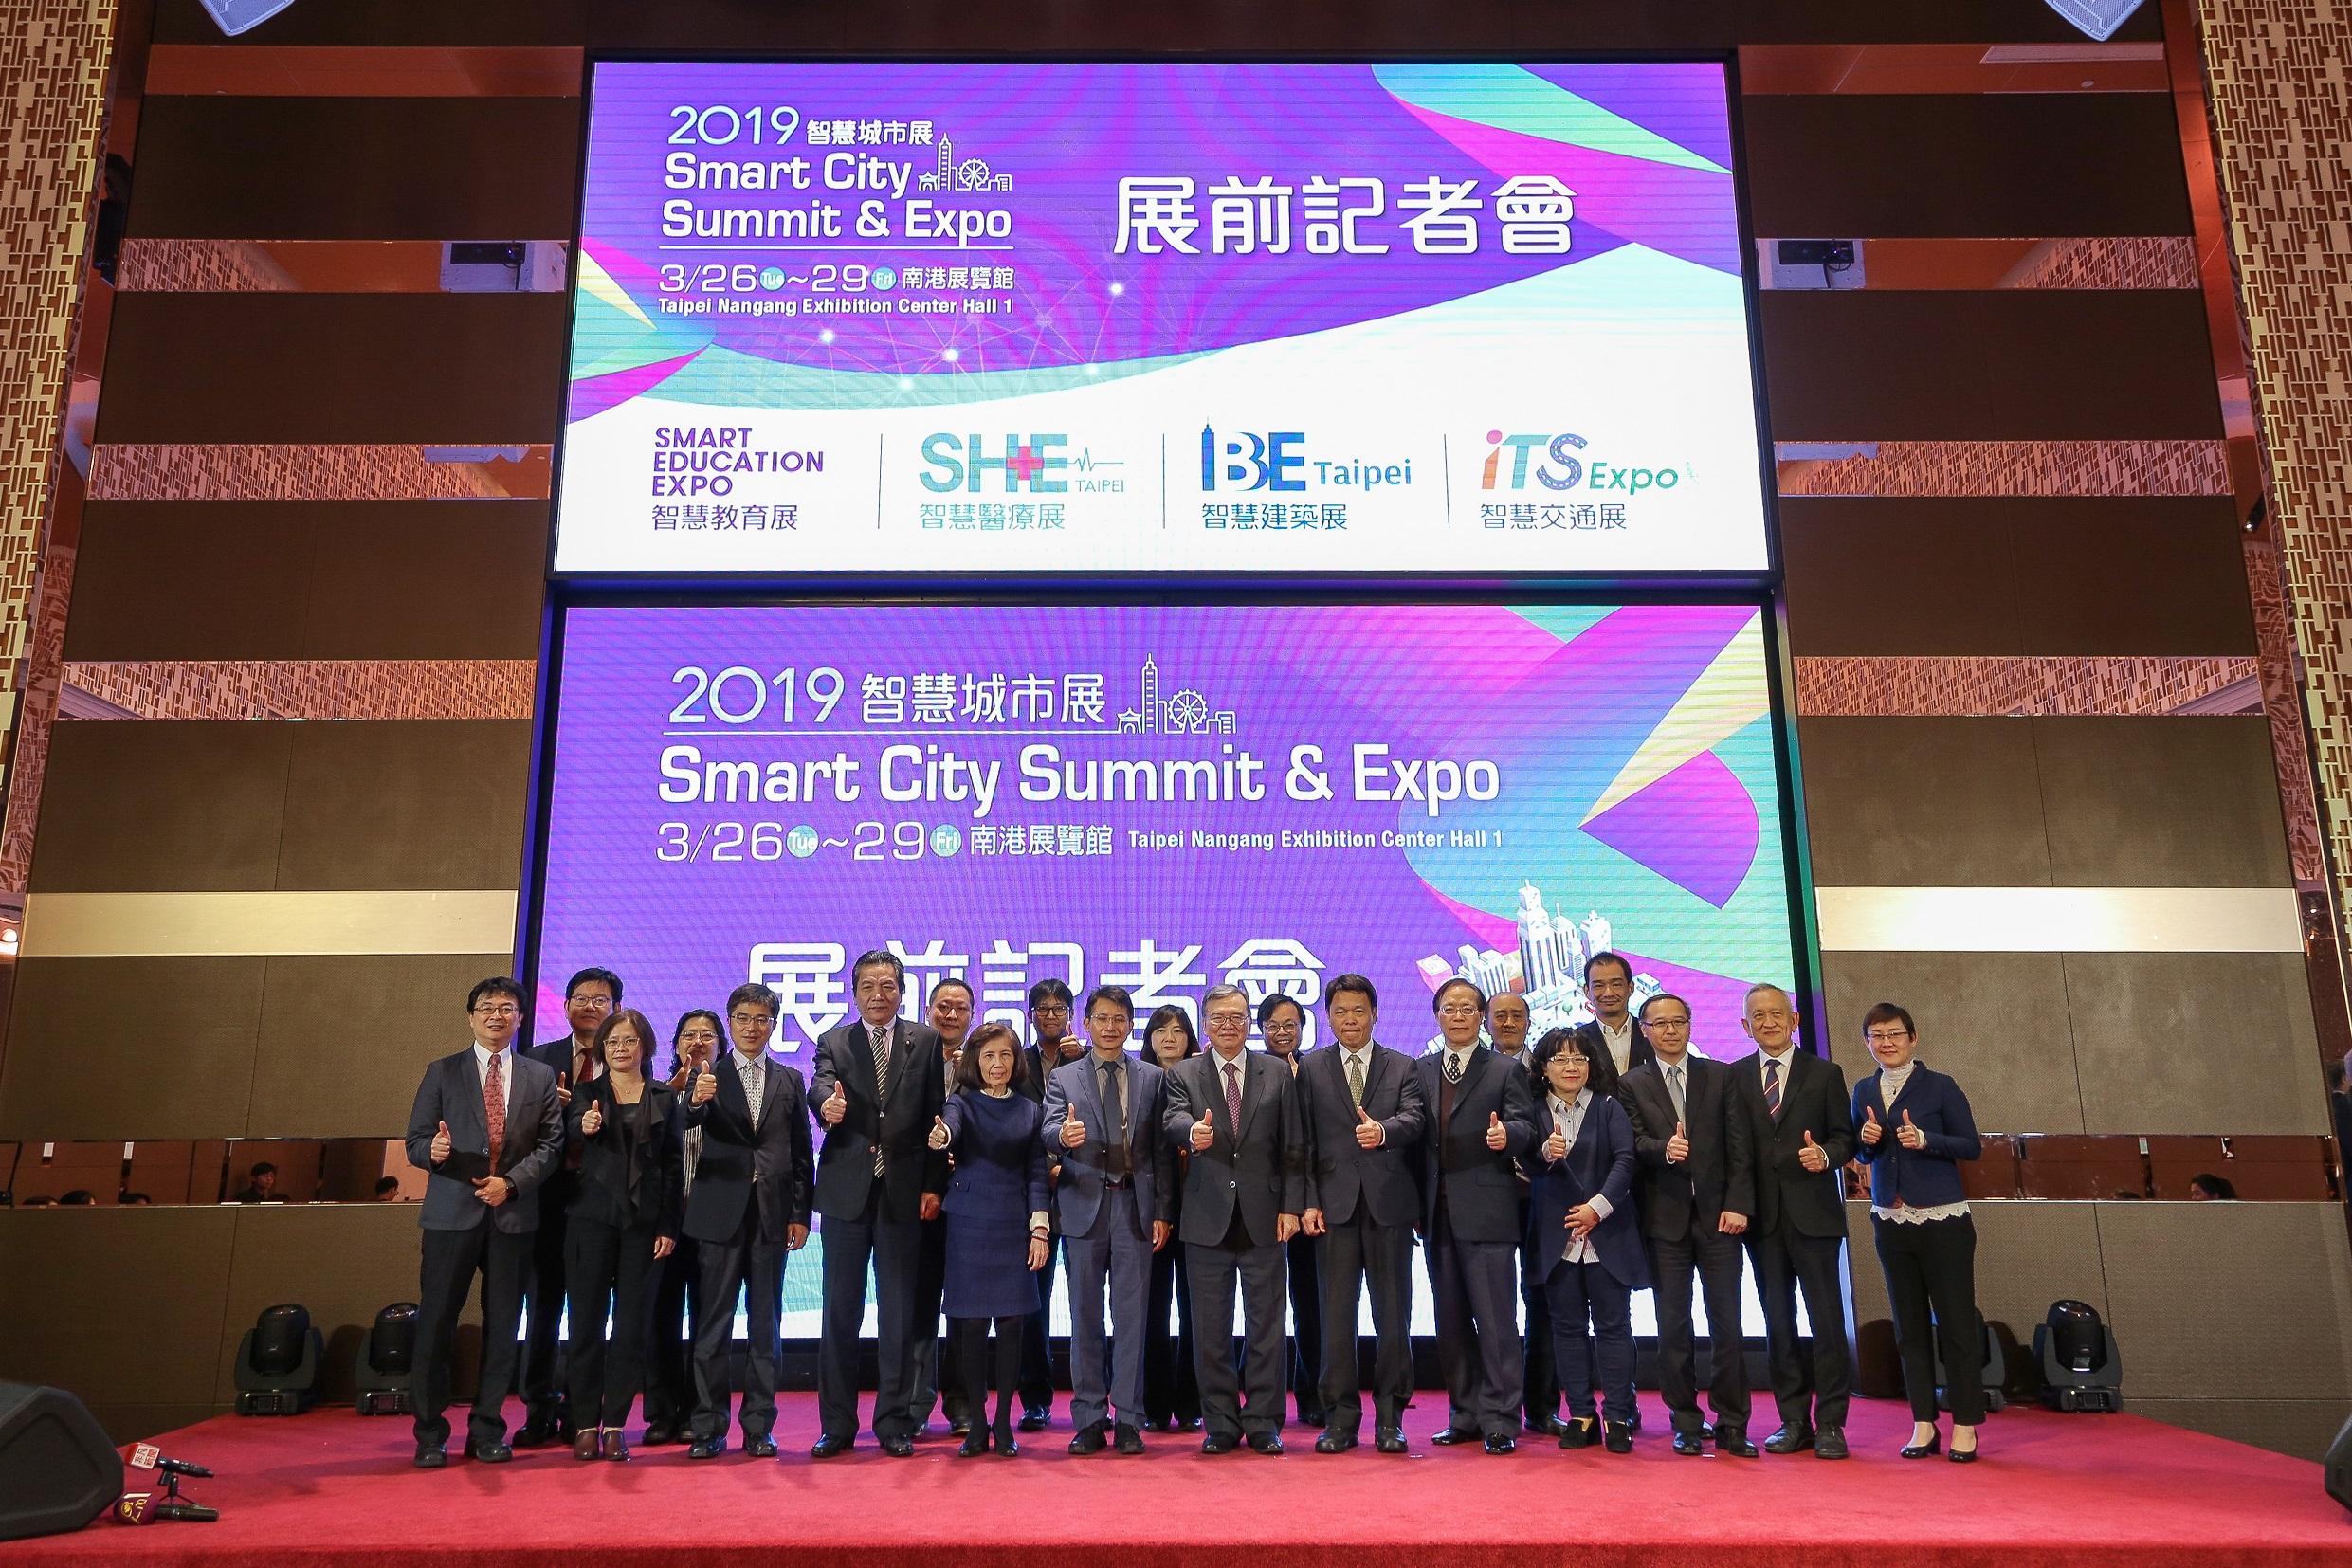 20190314 smartcity smart education expo press release 1 ผู้นำด้านการศึกษาทั่วโลกร่วมมือกันในงาน Smart Education Expo, 2019 วันที่ 26   29 มีนาคม เพื่อมุ่งเน้นการพัฒนาการศึกษาในอนาคต